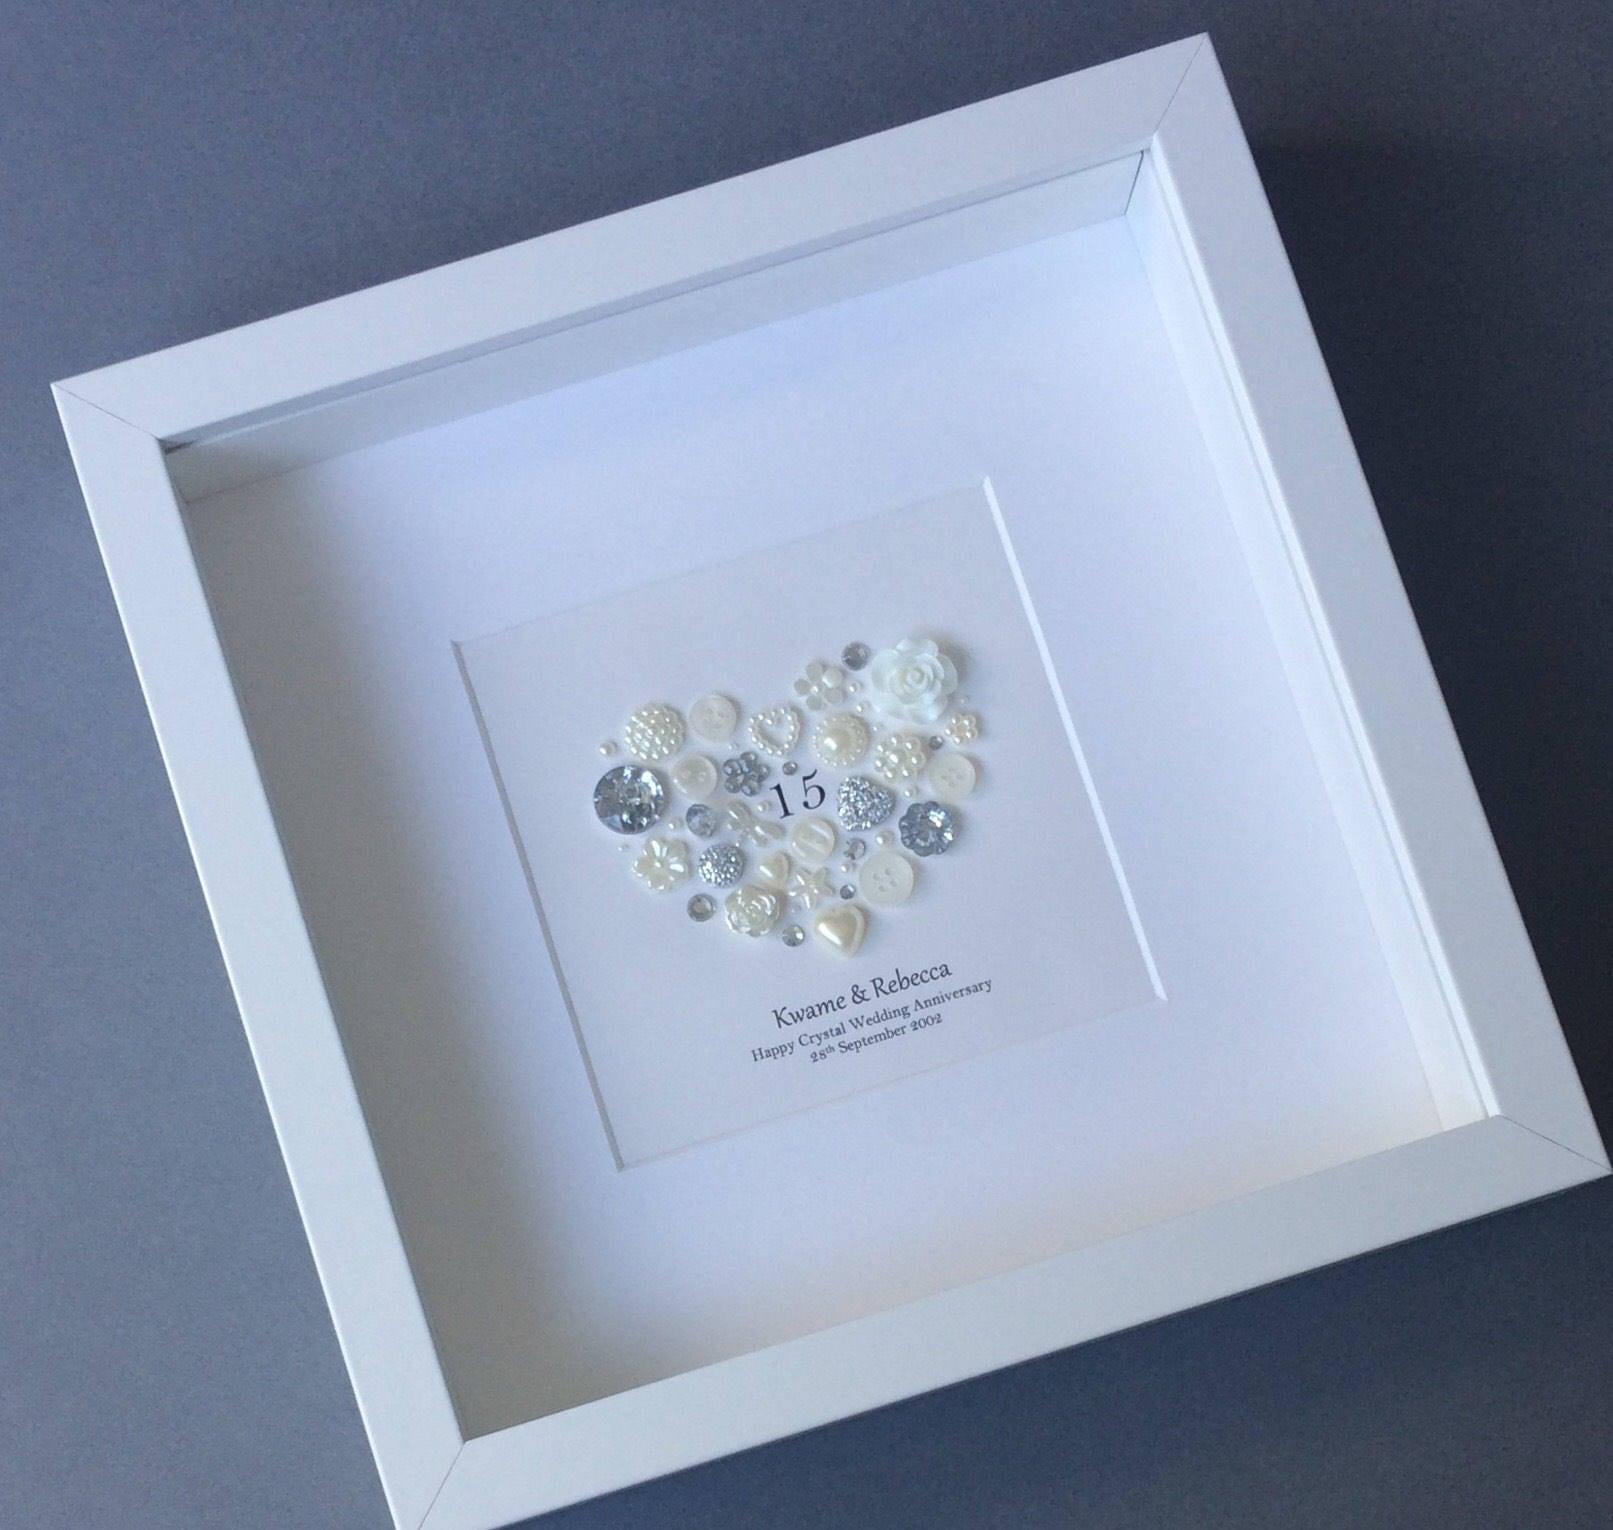 15. Hochzeitstag Geschenk Geburtstag-Kristall-Rahmen Knopf